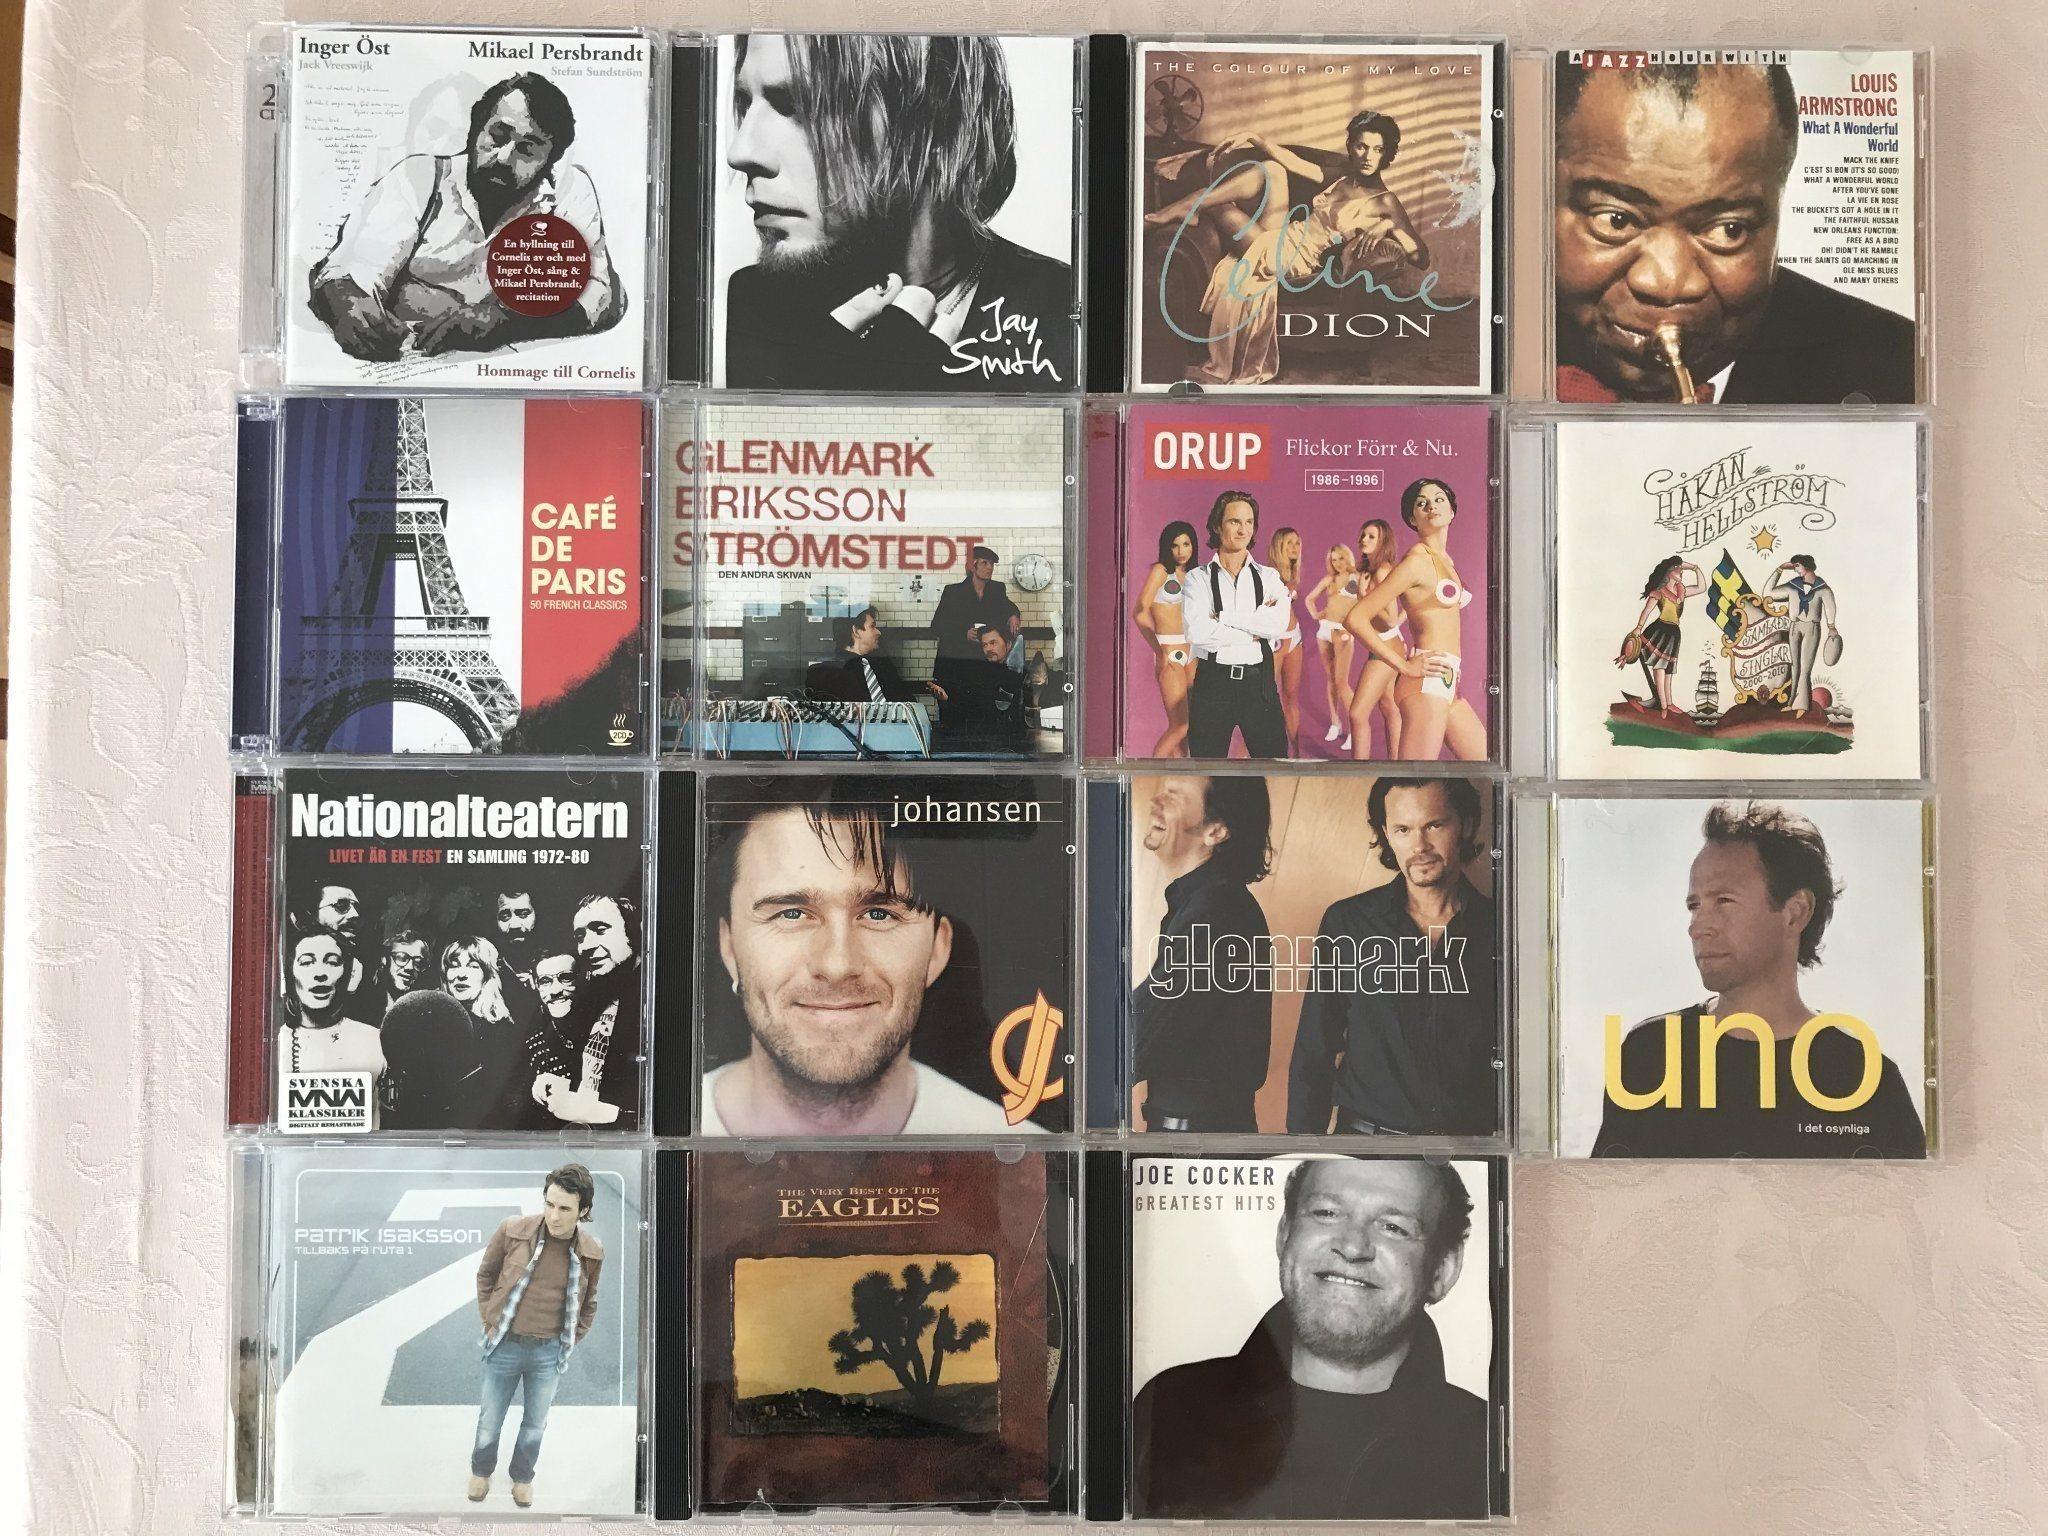 köpa cd skivor